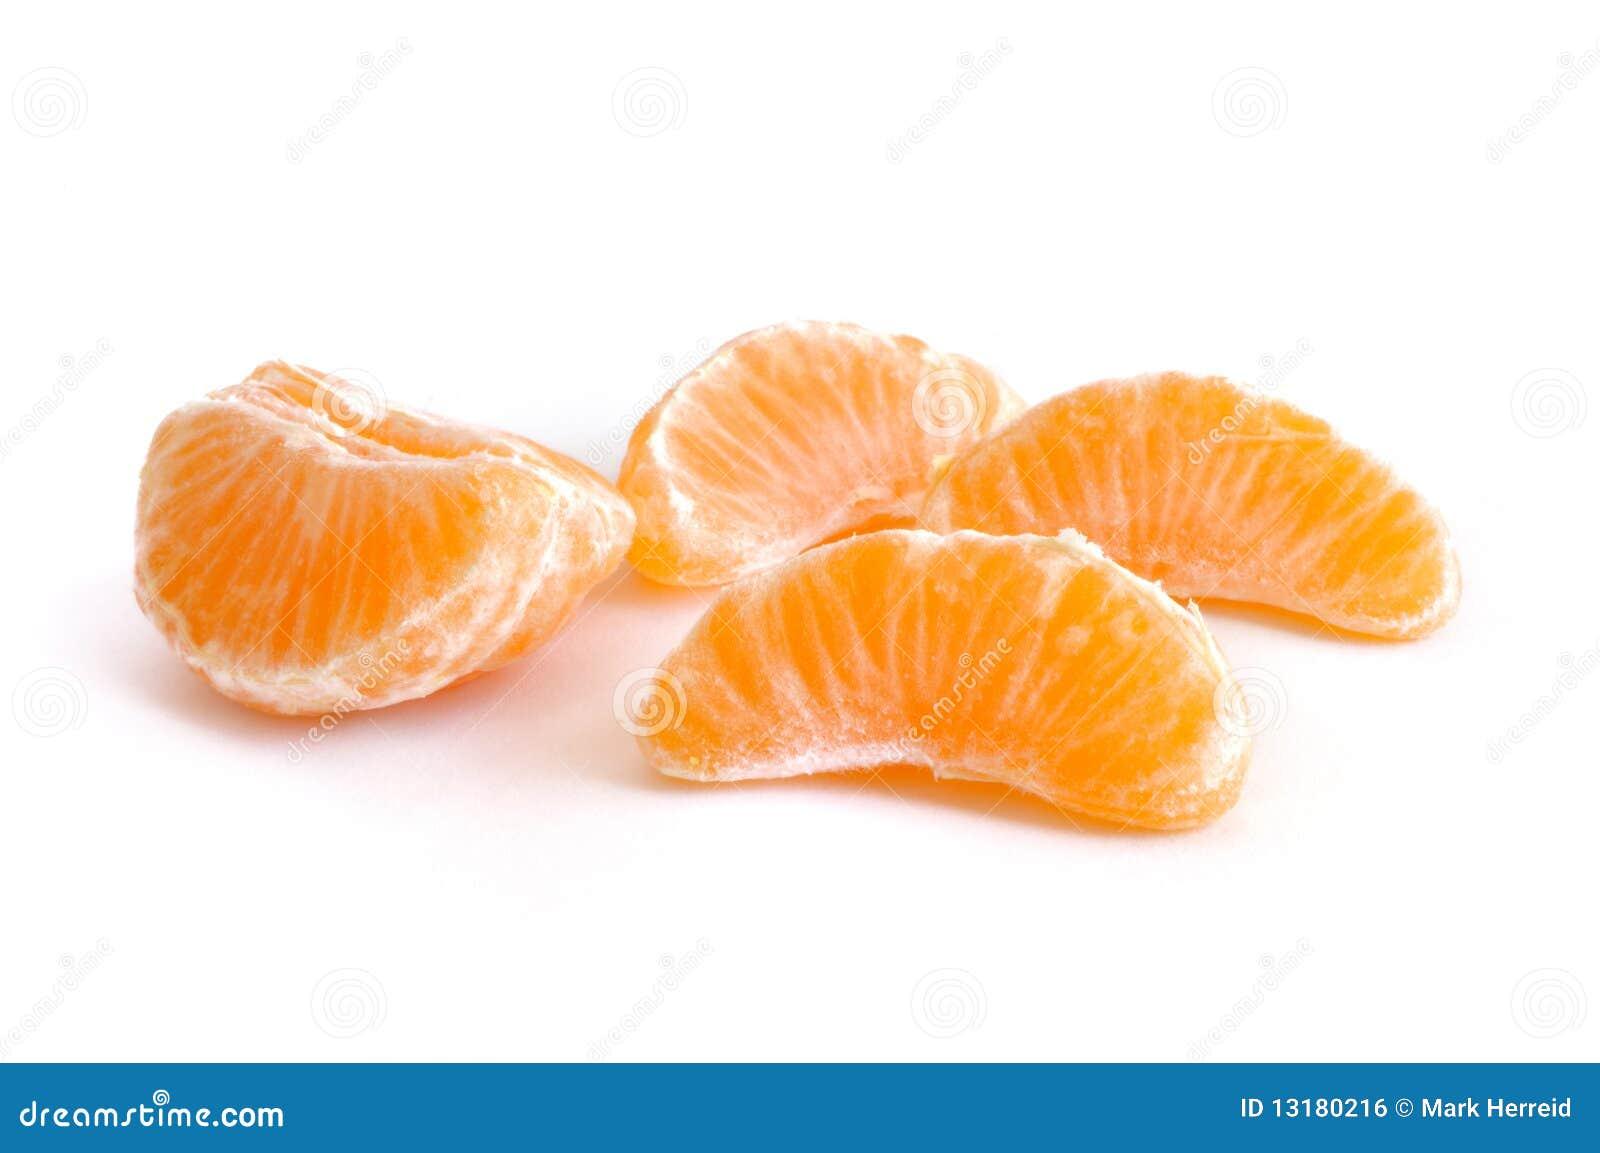 Tangerine τμημάτων κλημεντινών